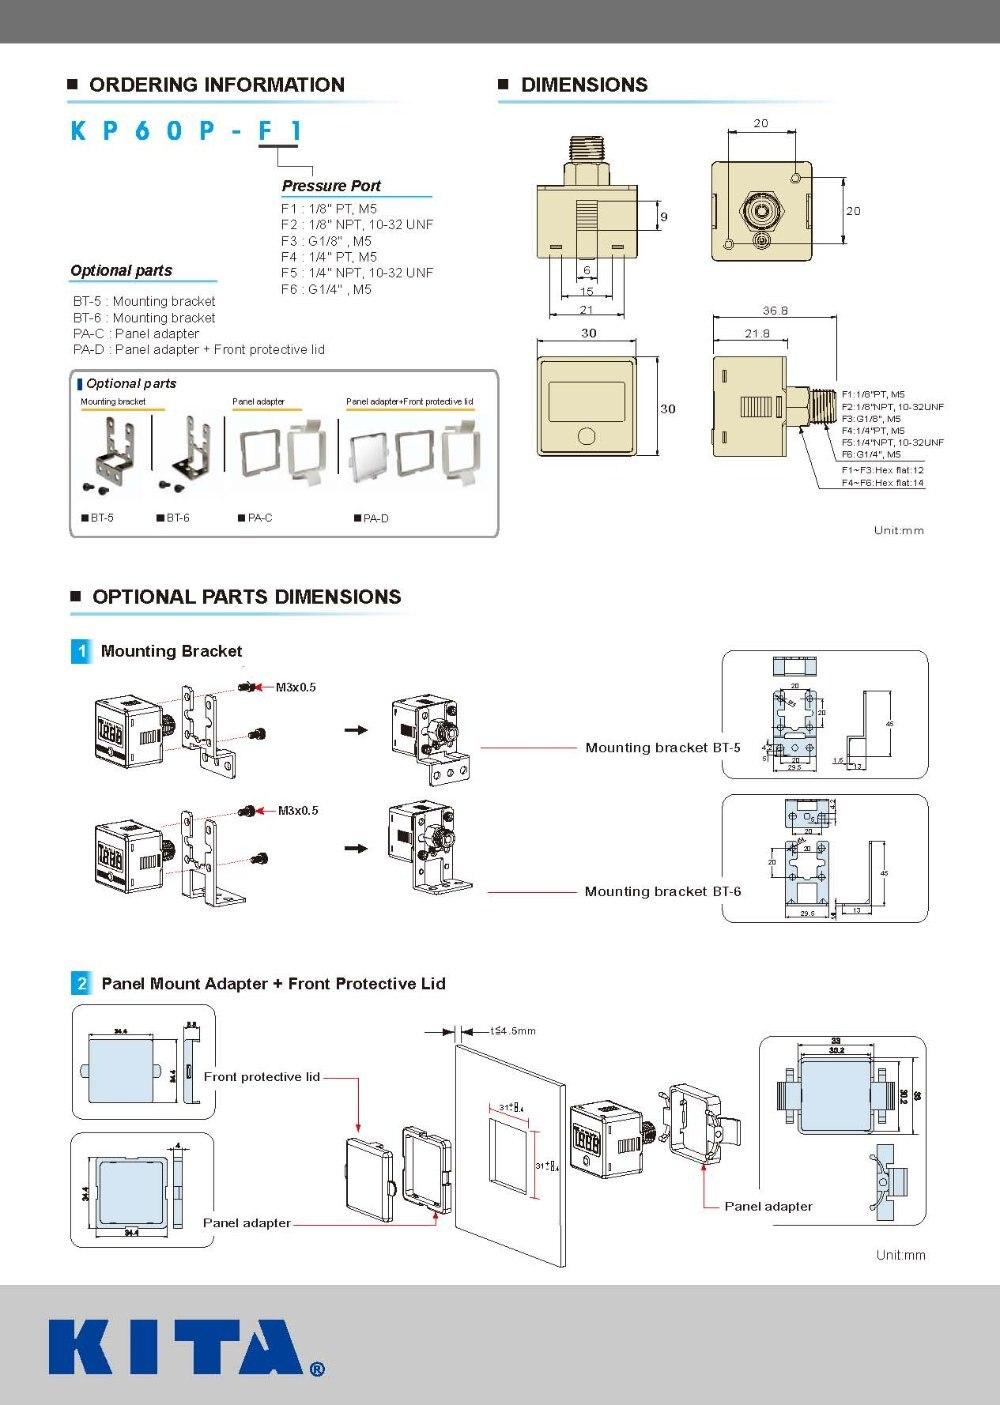 ᐊКита Цифровой Реле давления KP60P-F1 Применение ...